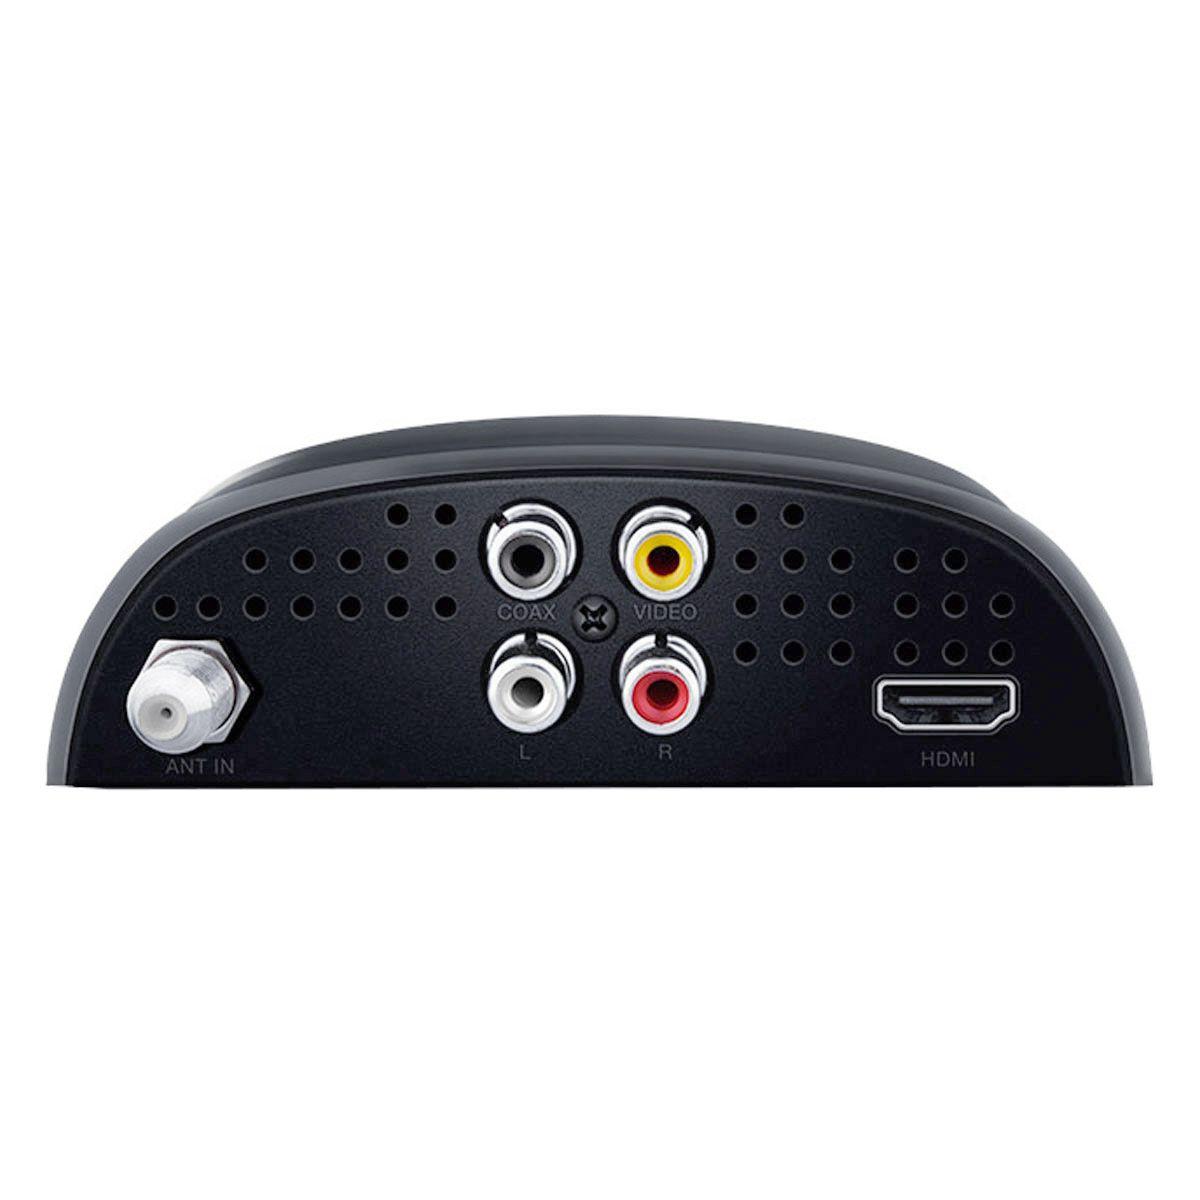 DTV 5000 - Conversor e Gravador Digital de TV Full HD DTV5000 Aqu�rio